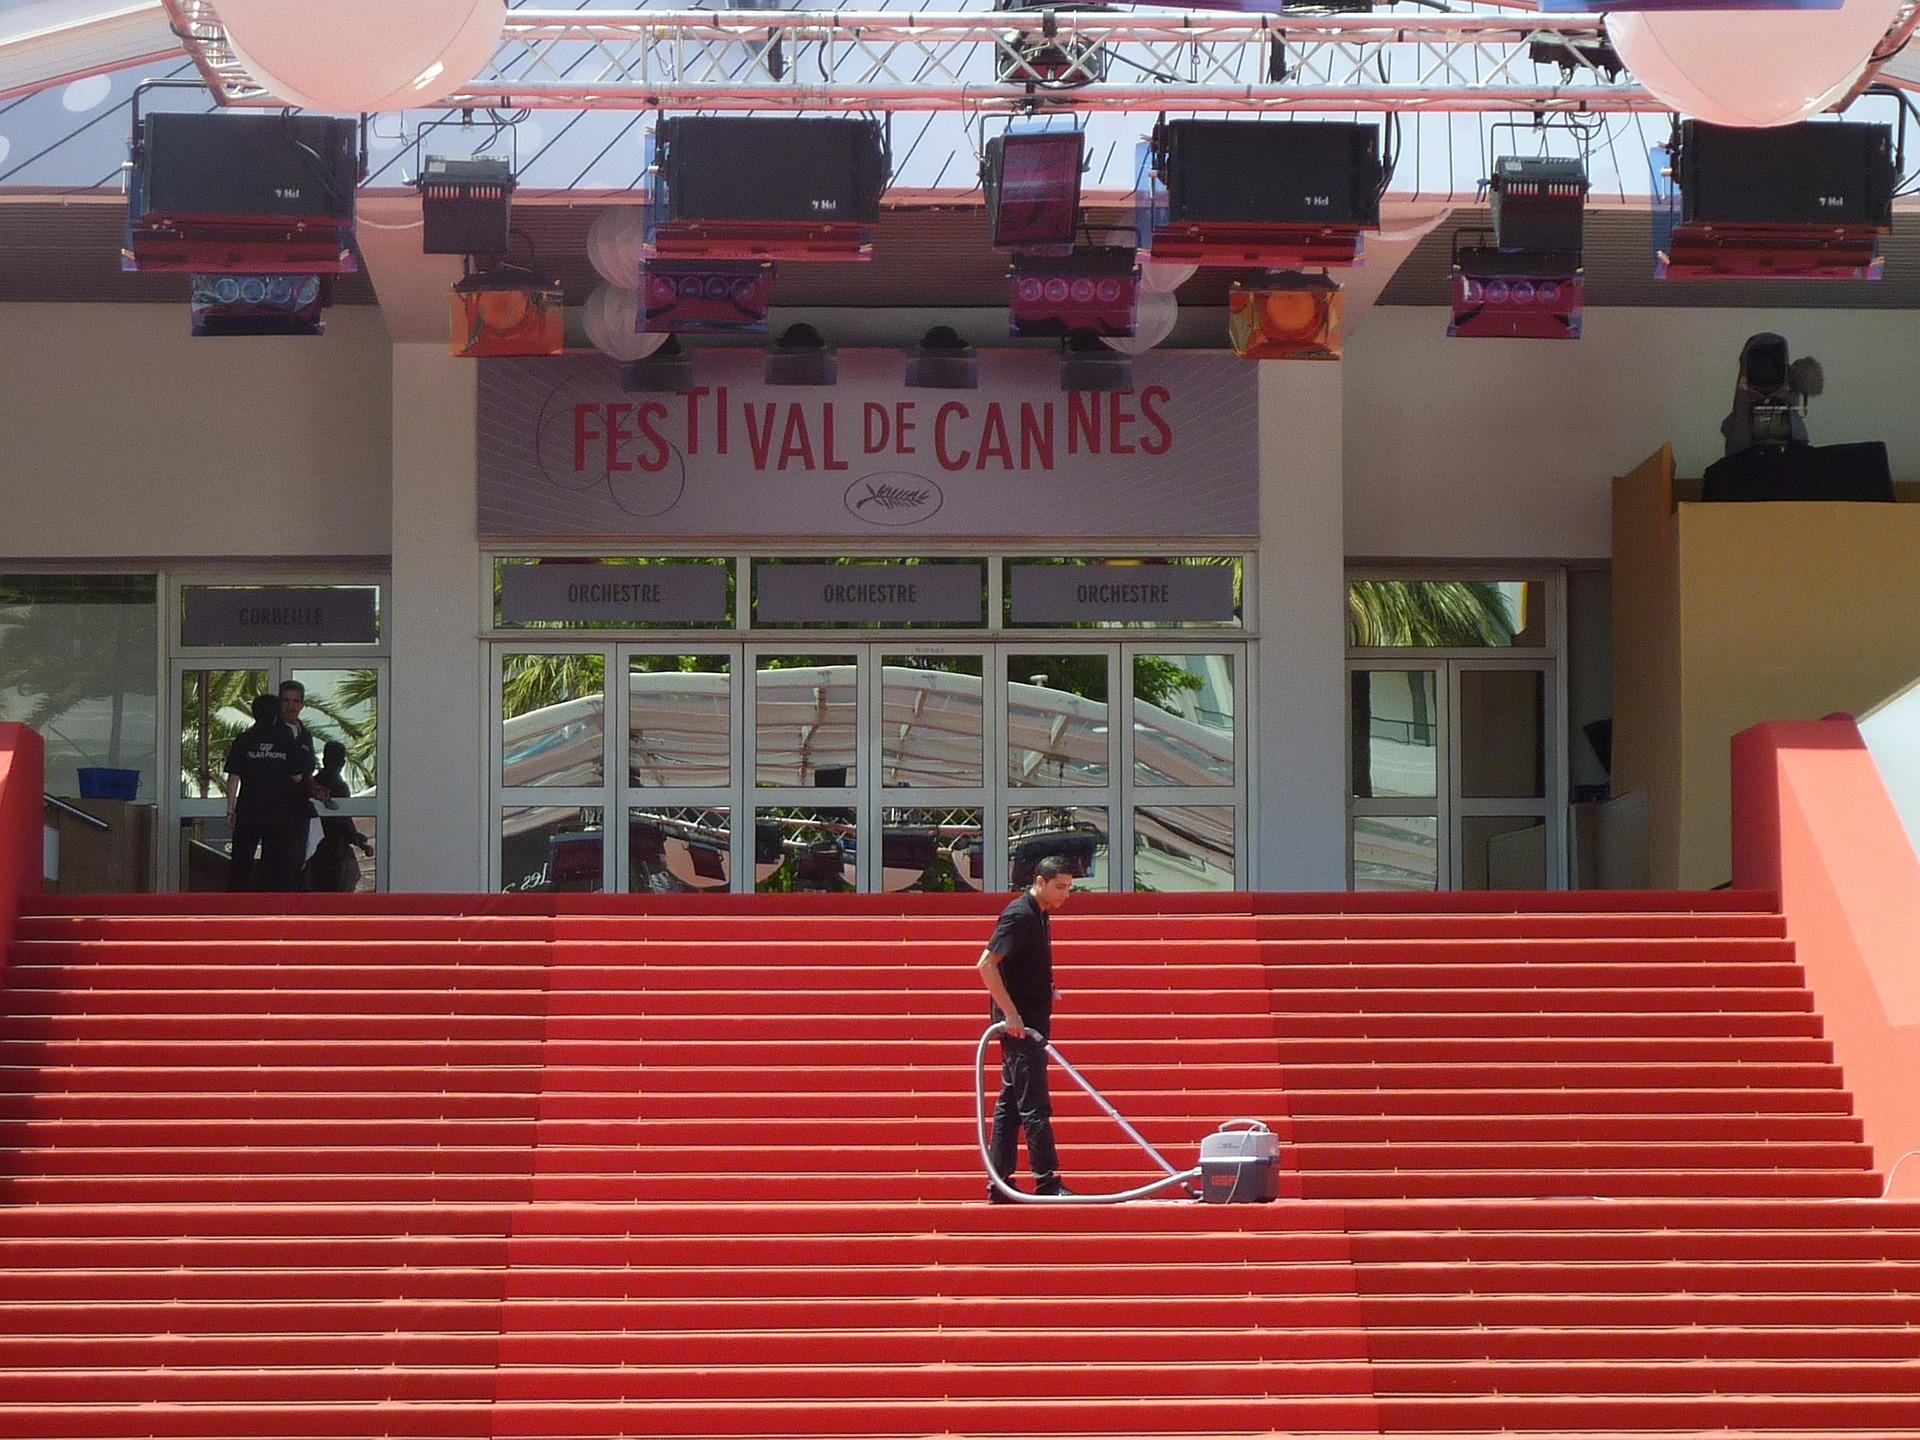 Cannes, la ville du cinéma